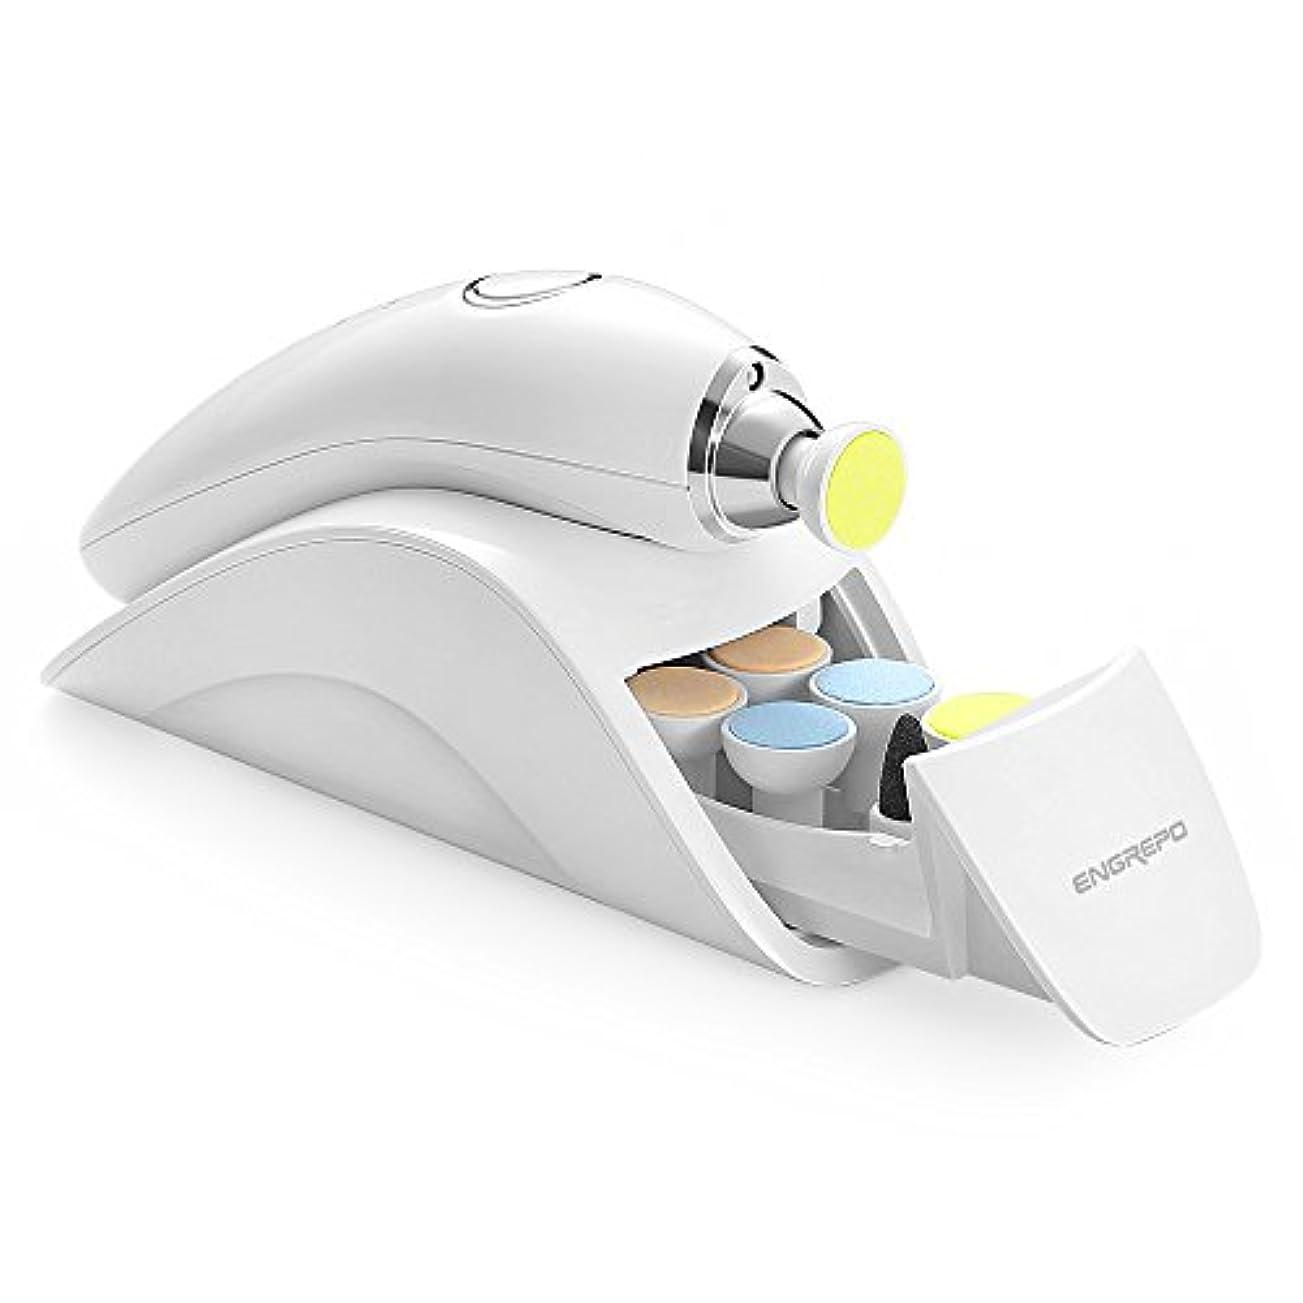 トランスペアレント重要性最初はENGREPO ベビーレーベル ネイルケアセット レーベル ホワイト(新生児~対象) ママにも使えるネイルケア(4種類の磨きヘッド、超低デシベル、3速ギア、LEDフィルインライト)円弧充電ベース隠し収納ボックス付き